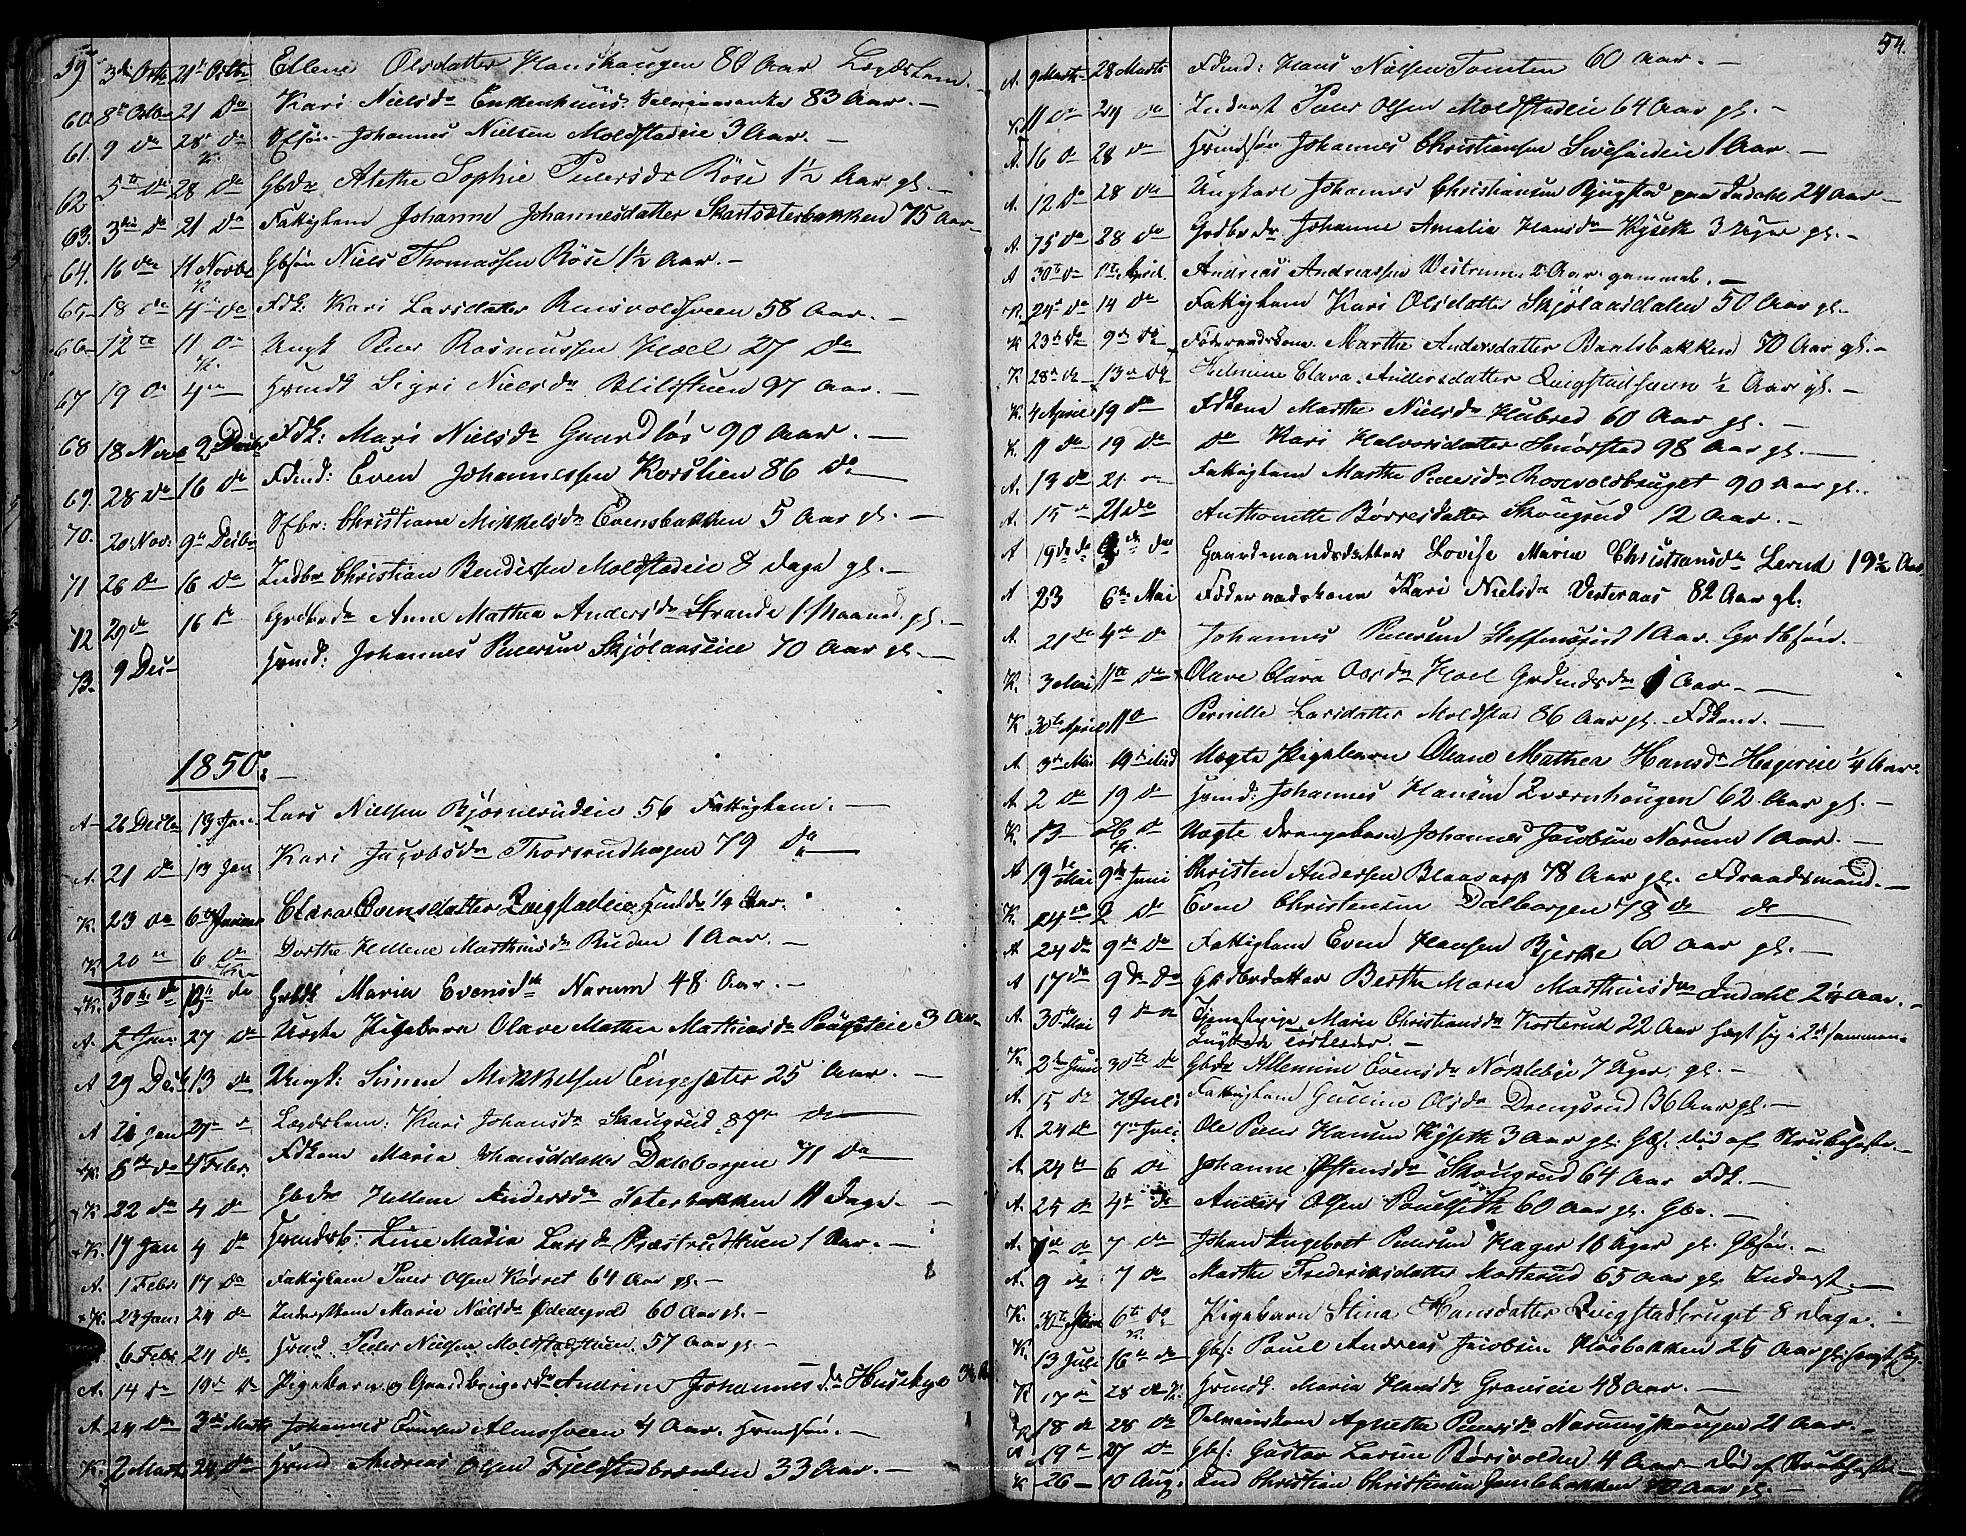 SAH, Vestre Toten prestekontor, H/Ha/Hab/L0003: Klokkerbok nr. 3, 1846-1854, s. 54